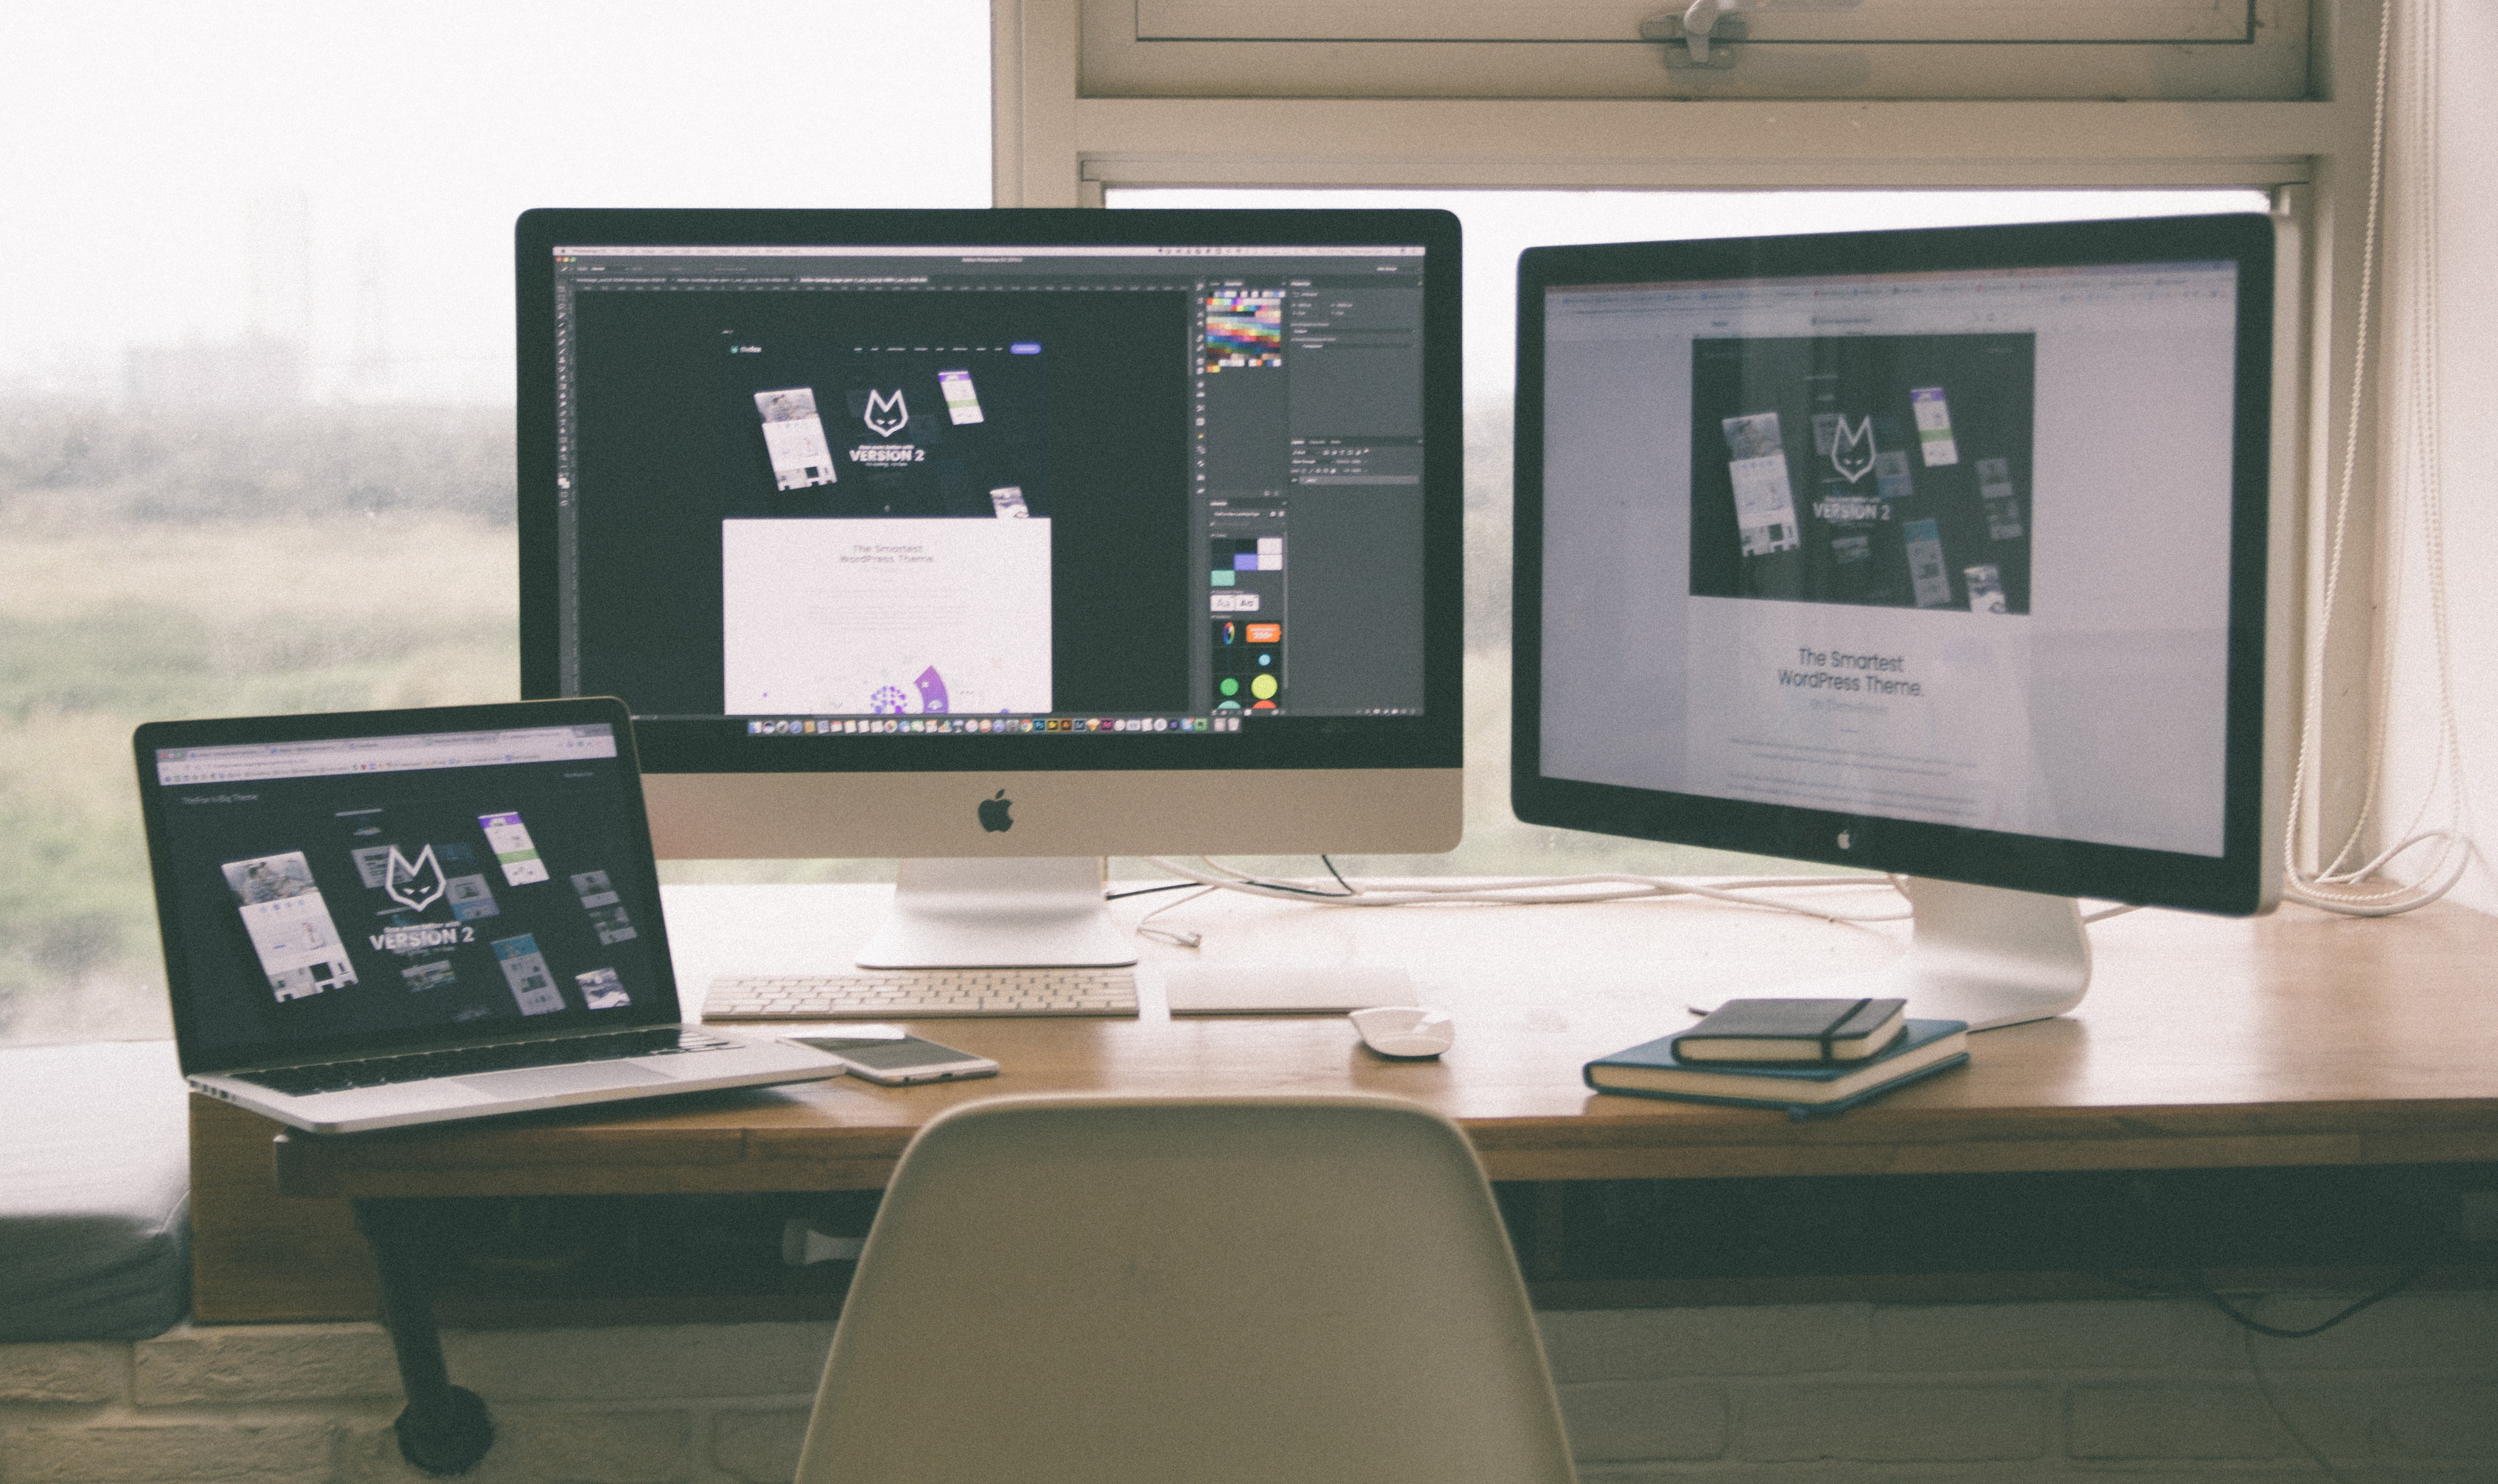 Как правильно сформировать, создать структуру каталога для интернет-магазина